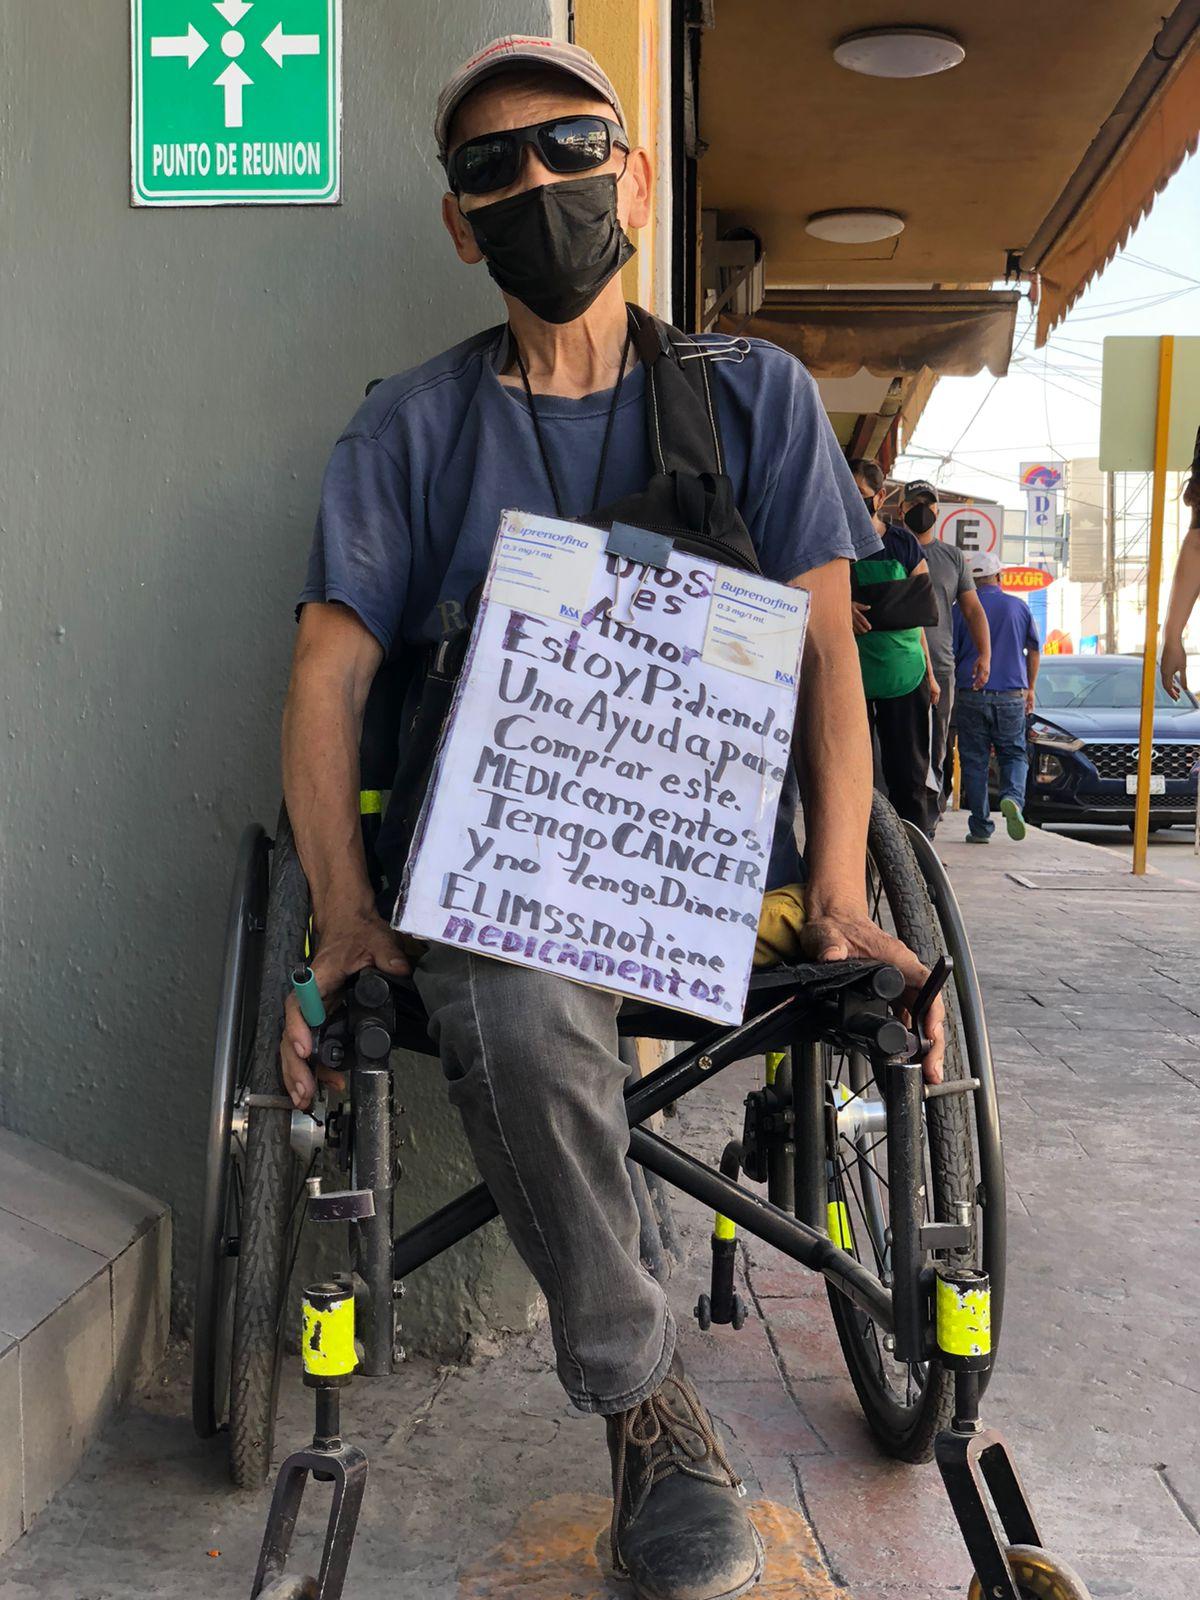 Monclova: Anselmo solo quiere vivir